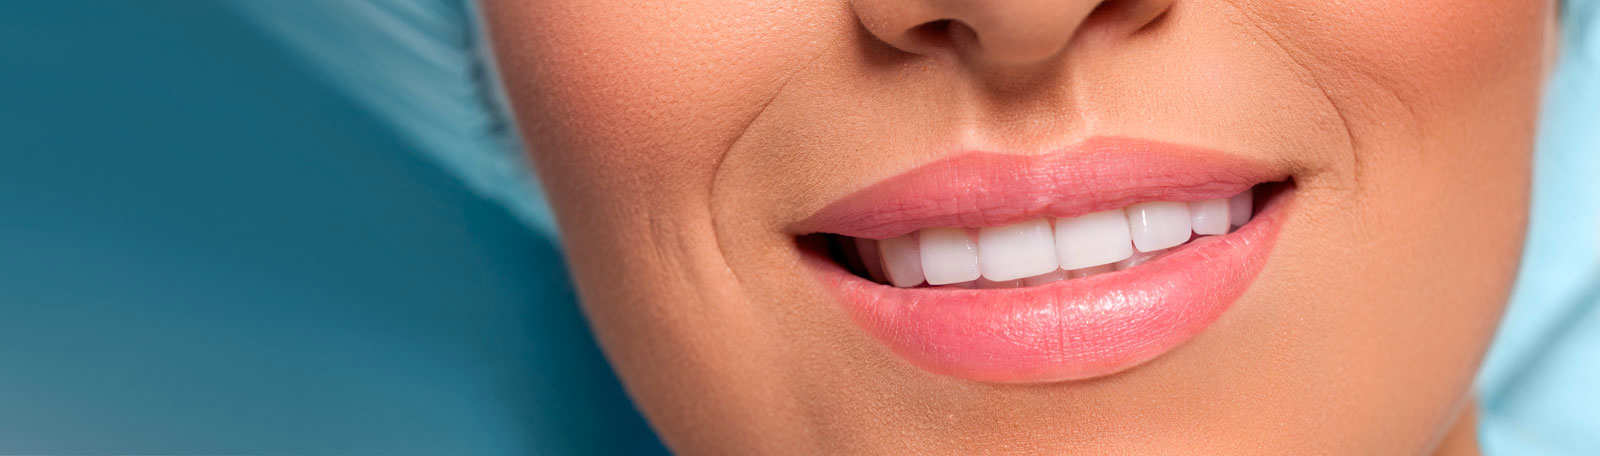 odontologia-estetica